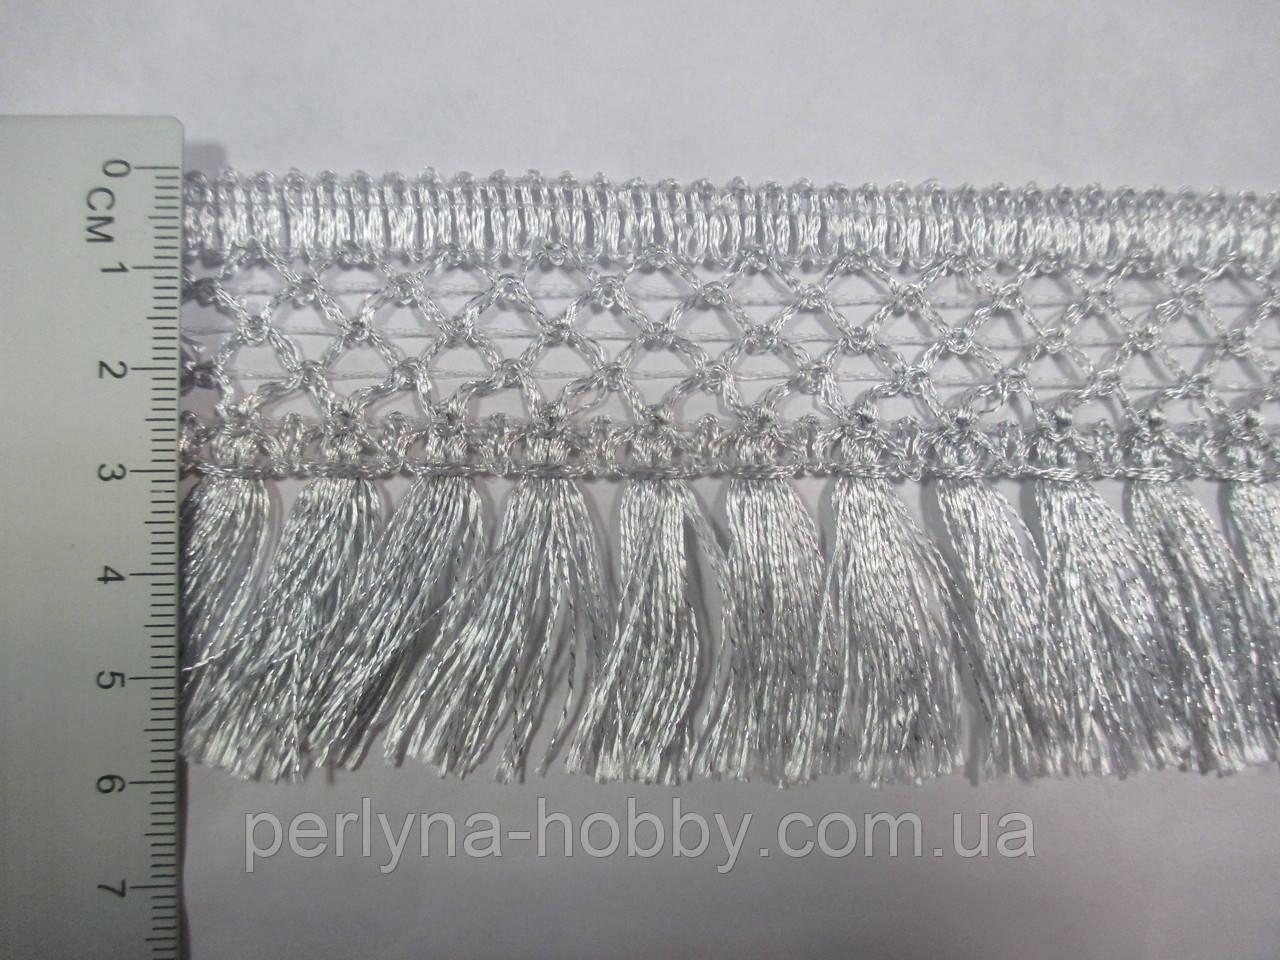 Бахрома люрекс срібло 6 см.